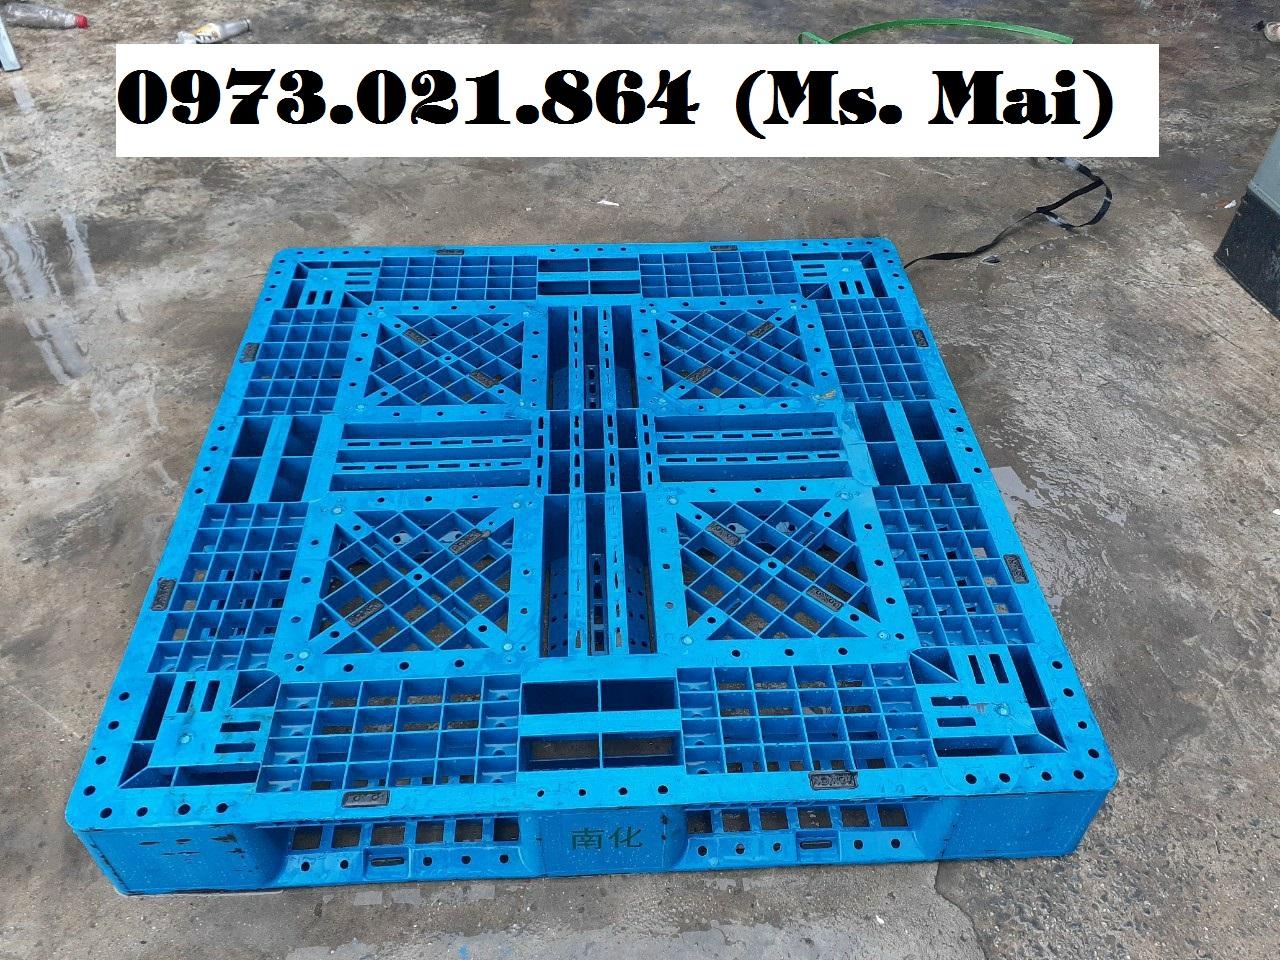 Pallet nhựa tại Sóc Trăng có chất lượng cao, giá thành rẻ